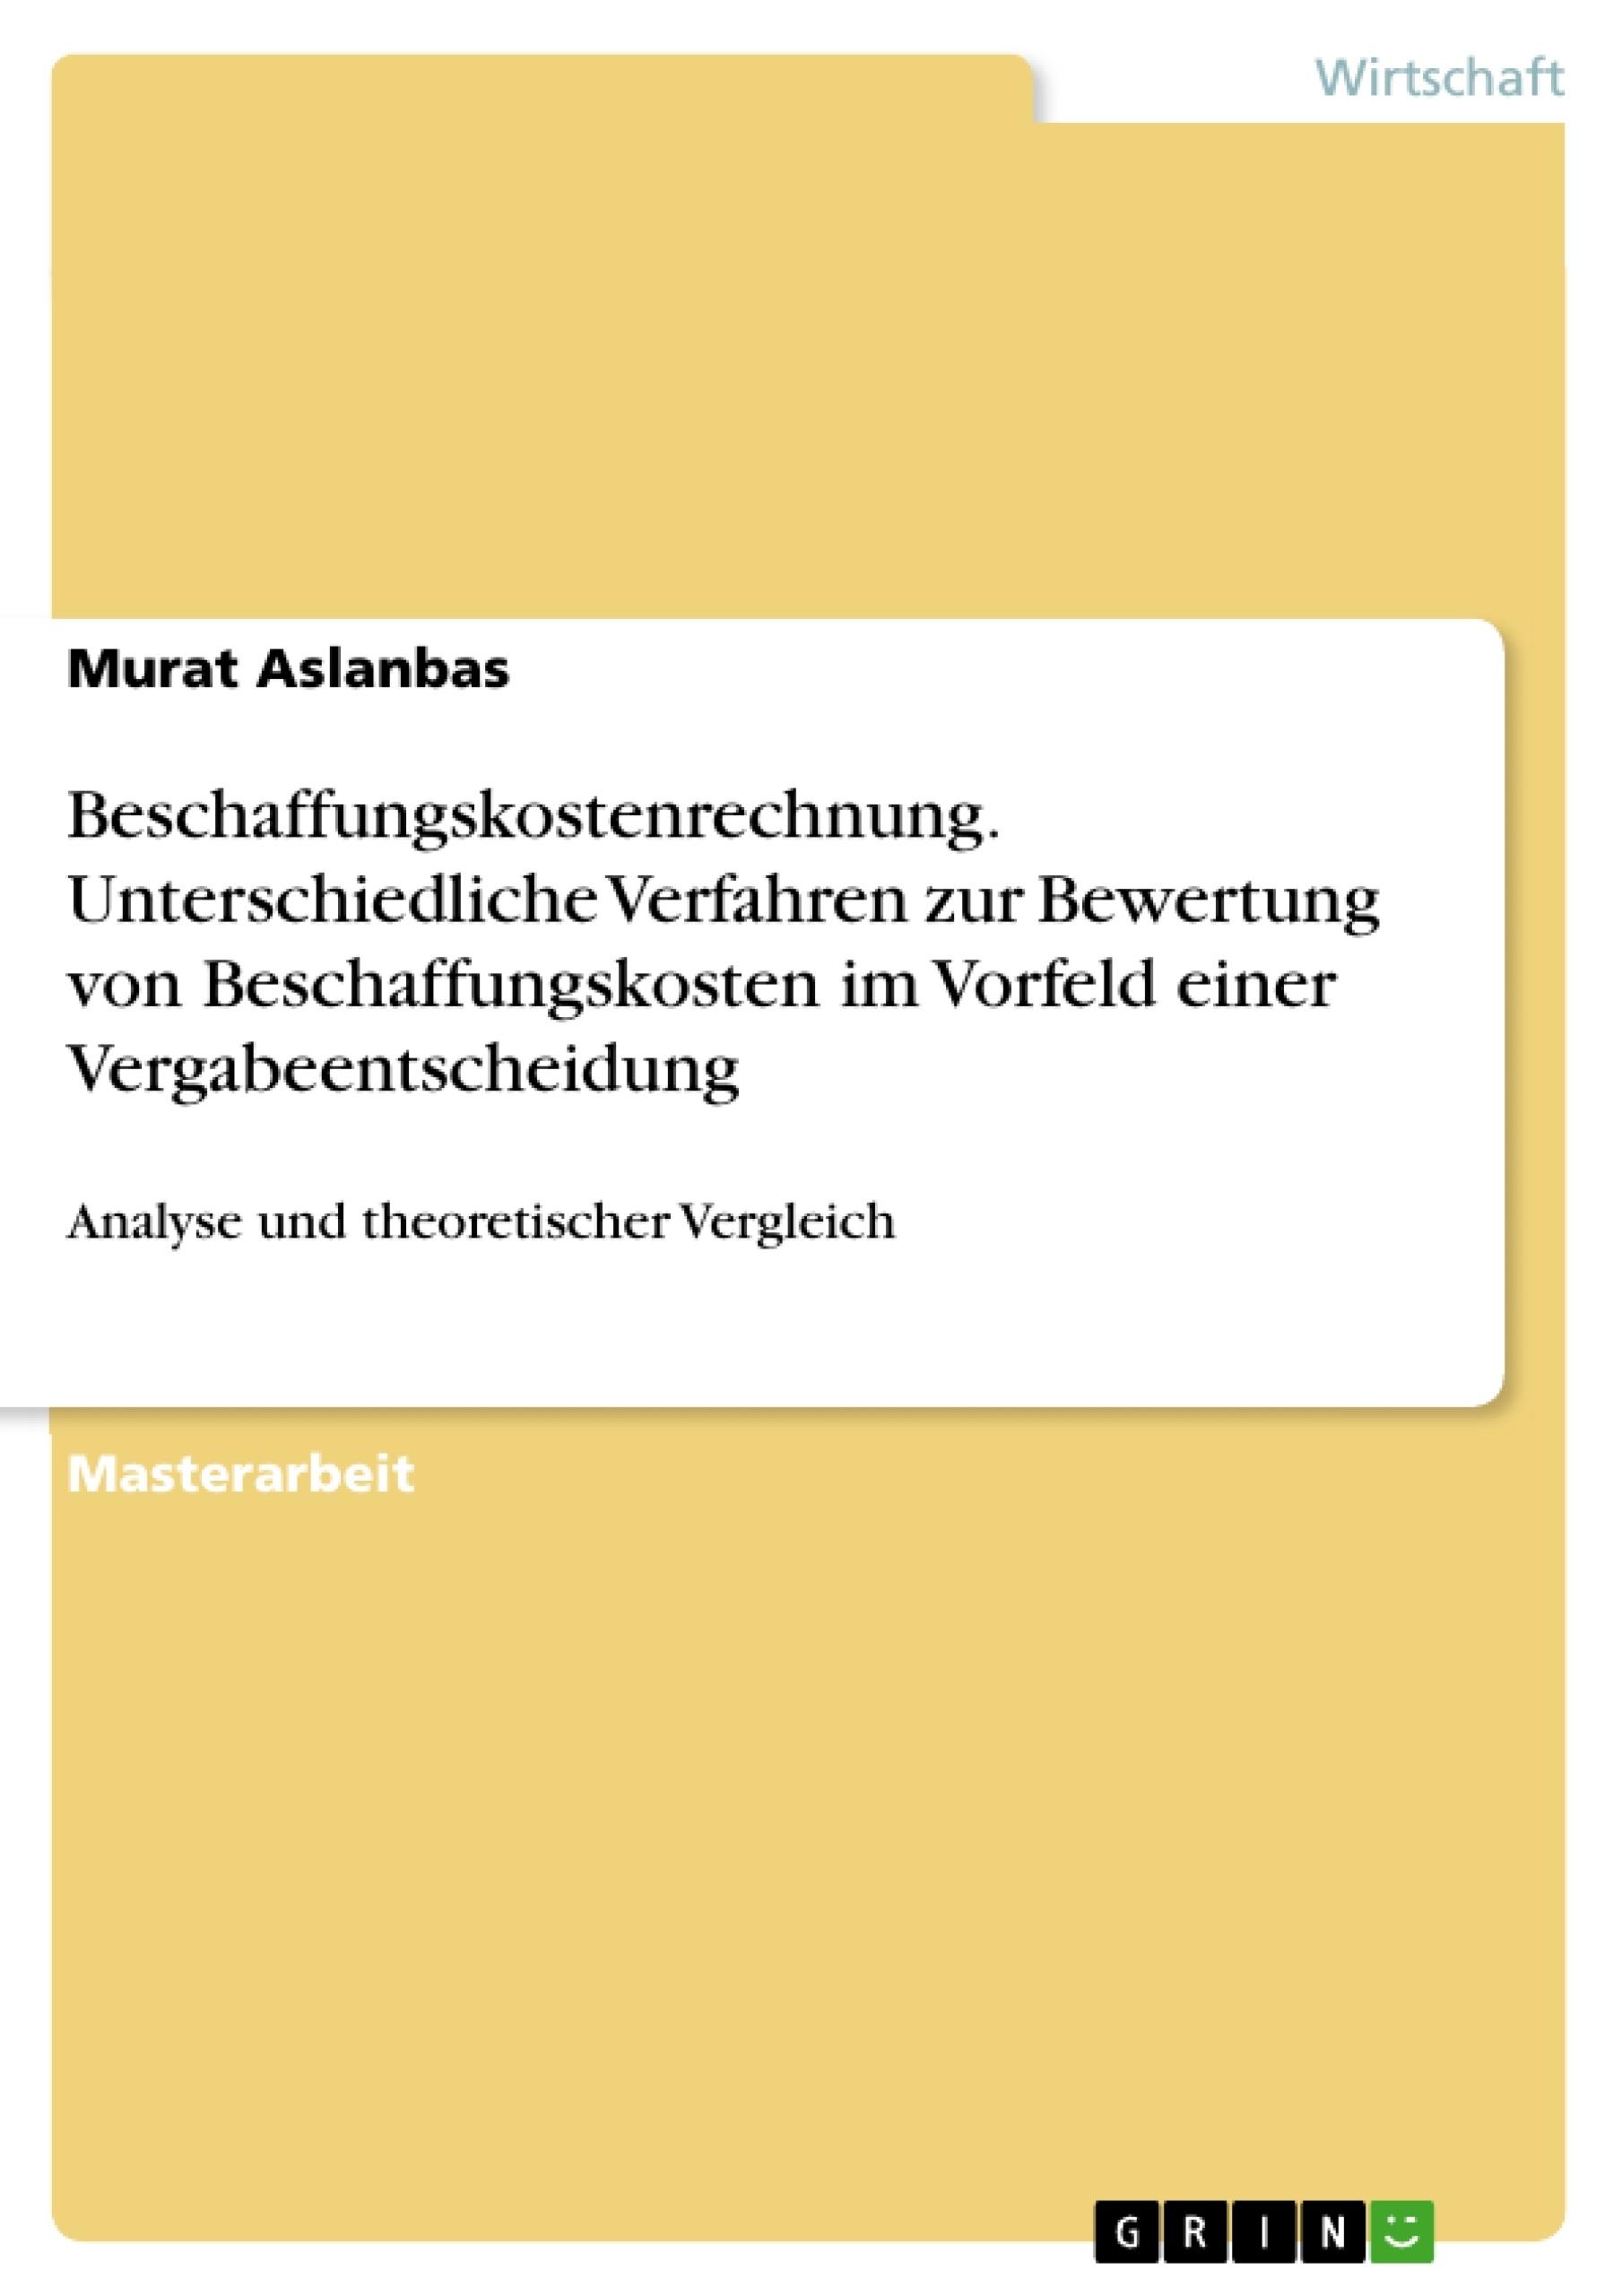 Titel: Beschaffungskostenrechnung. Unterschiedliche Verfahren zur Bewertung von Beschaffungskosten im Vorfeld einer Vergabeentscheidung